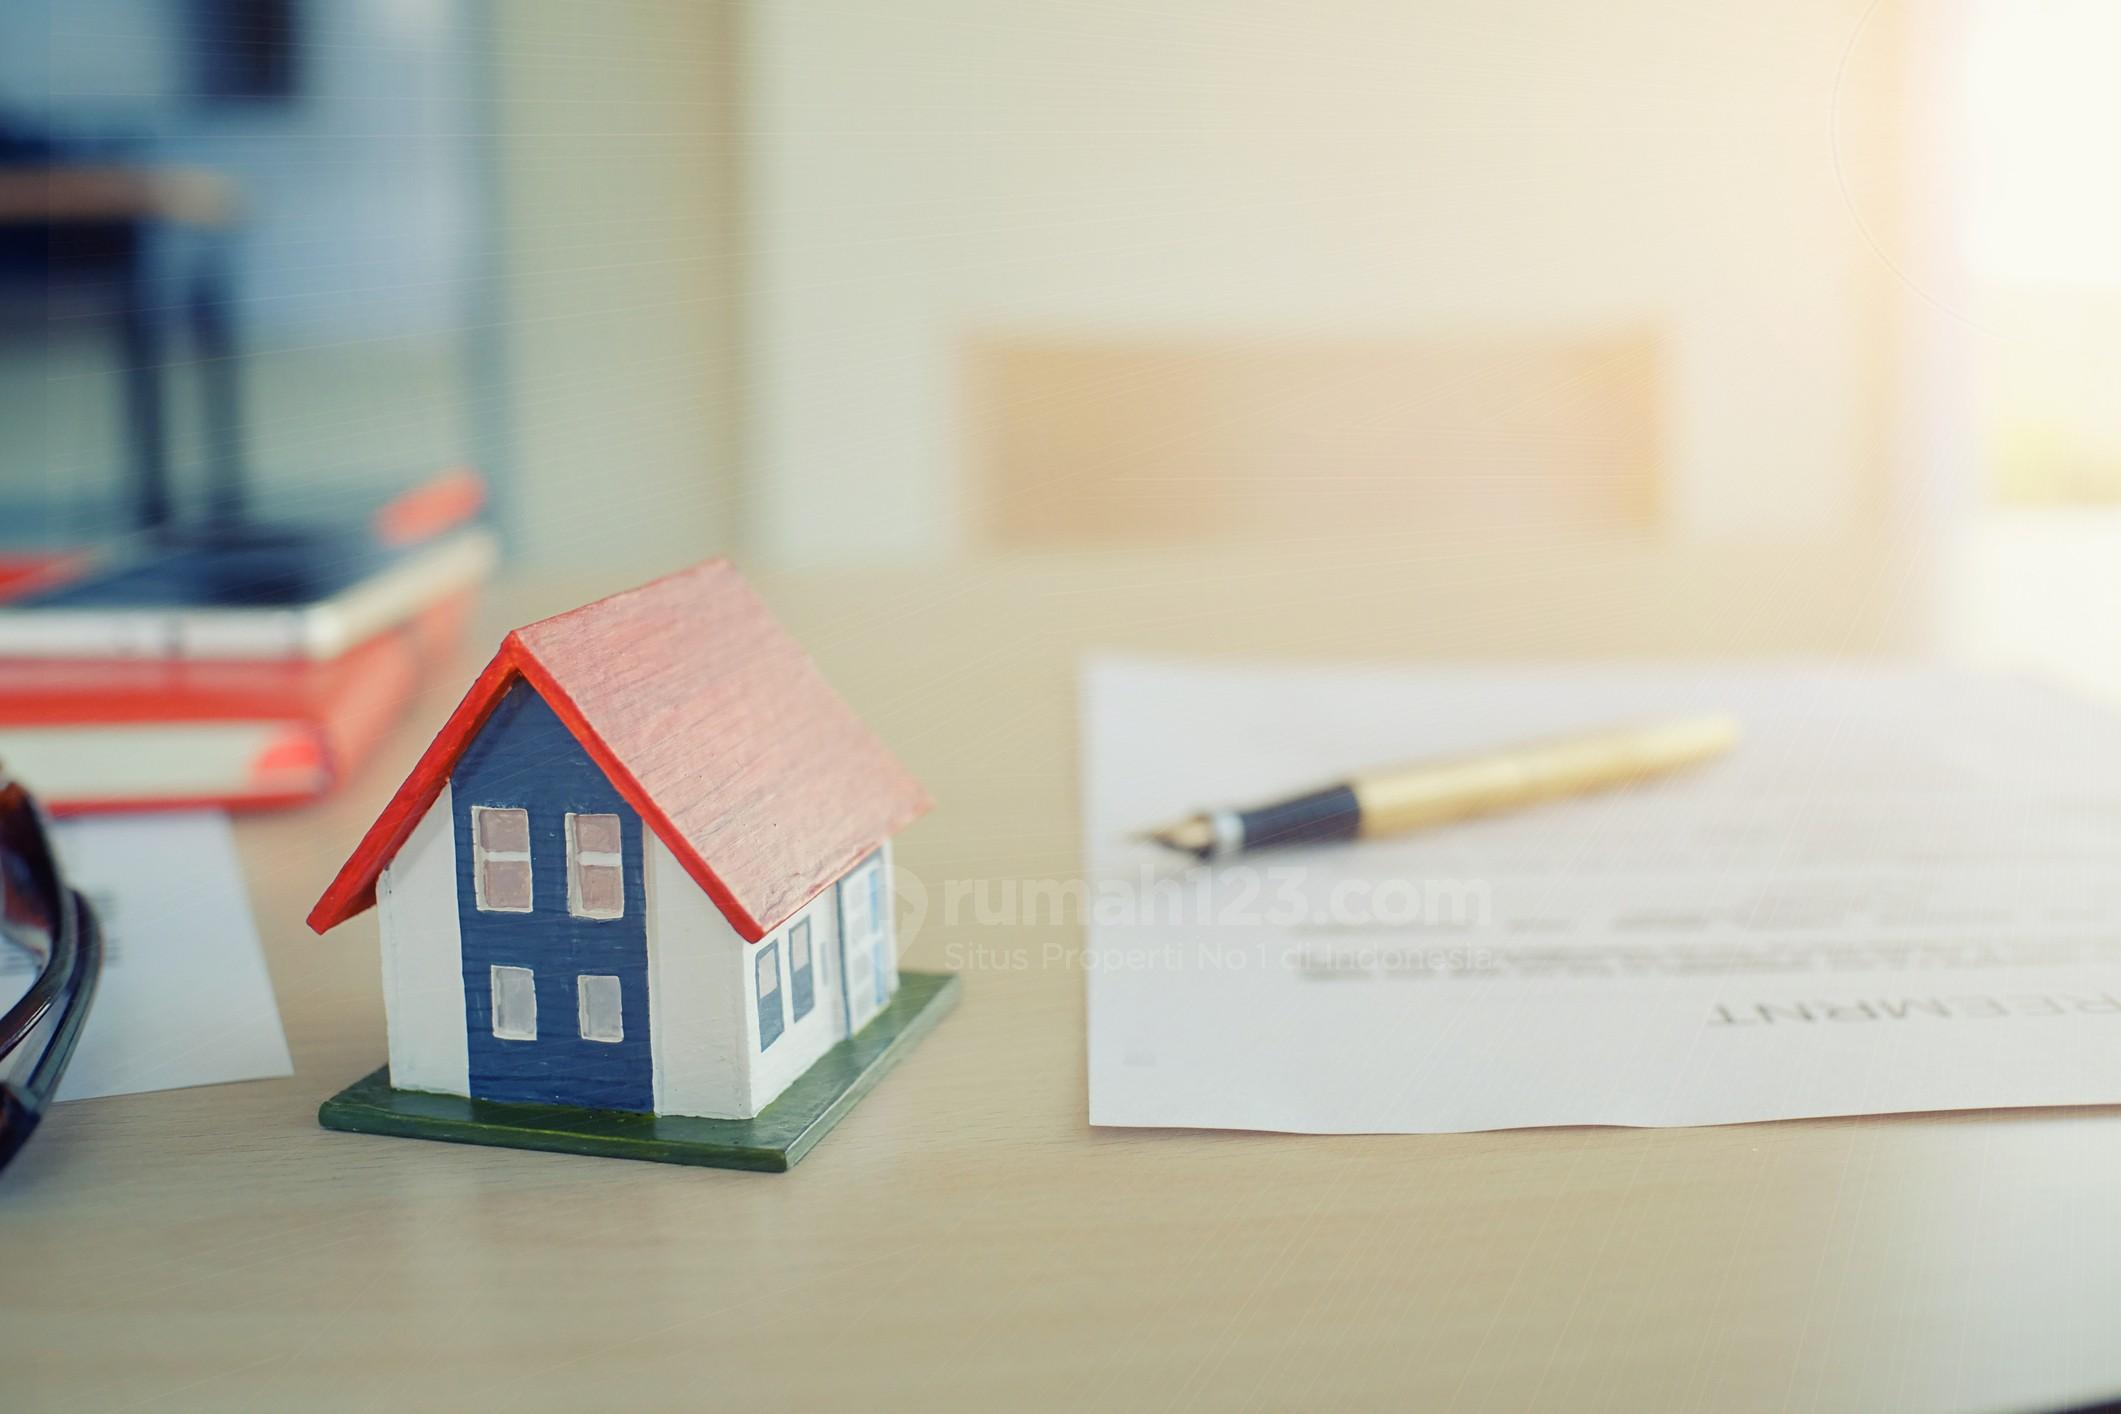 izin mendirikan bangunan - rumah123.com